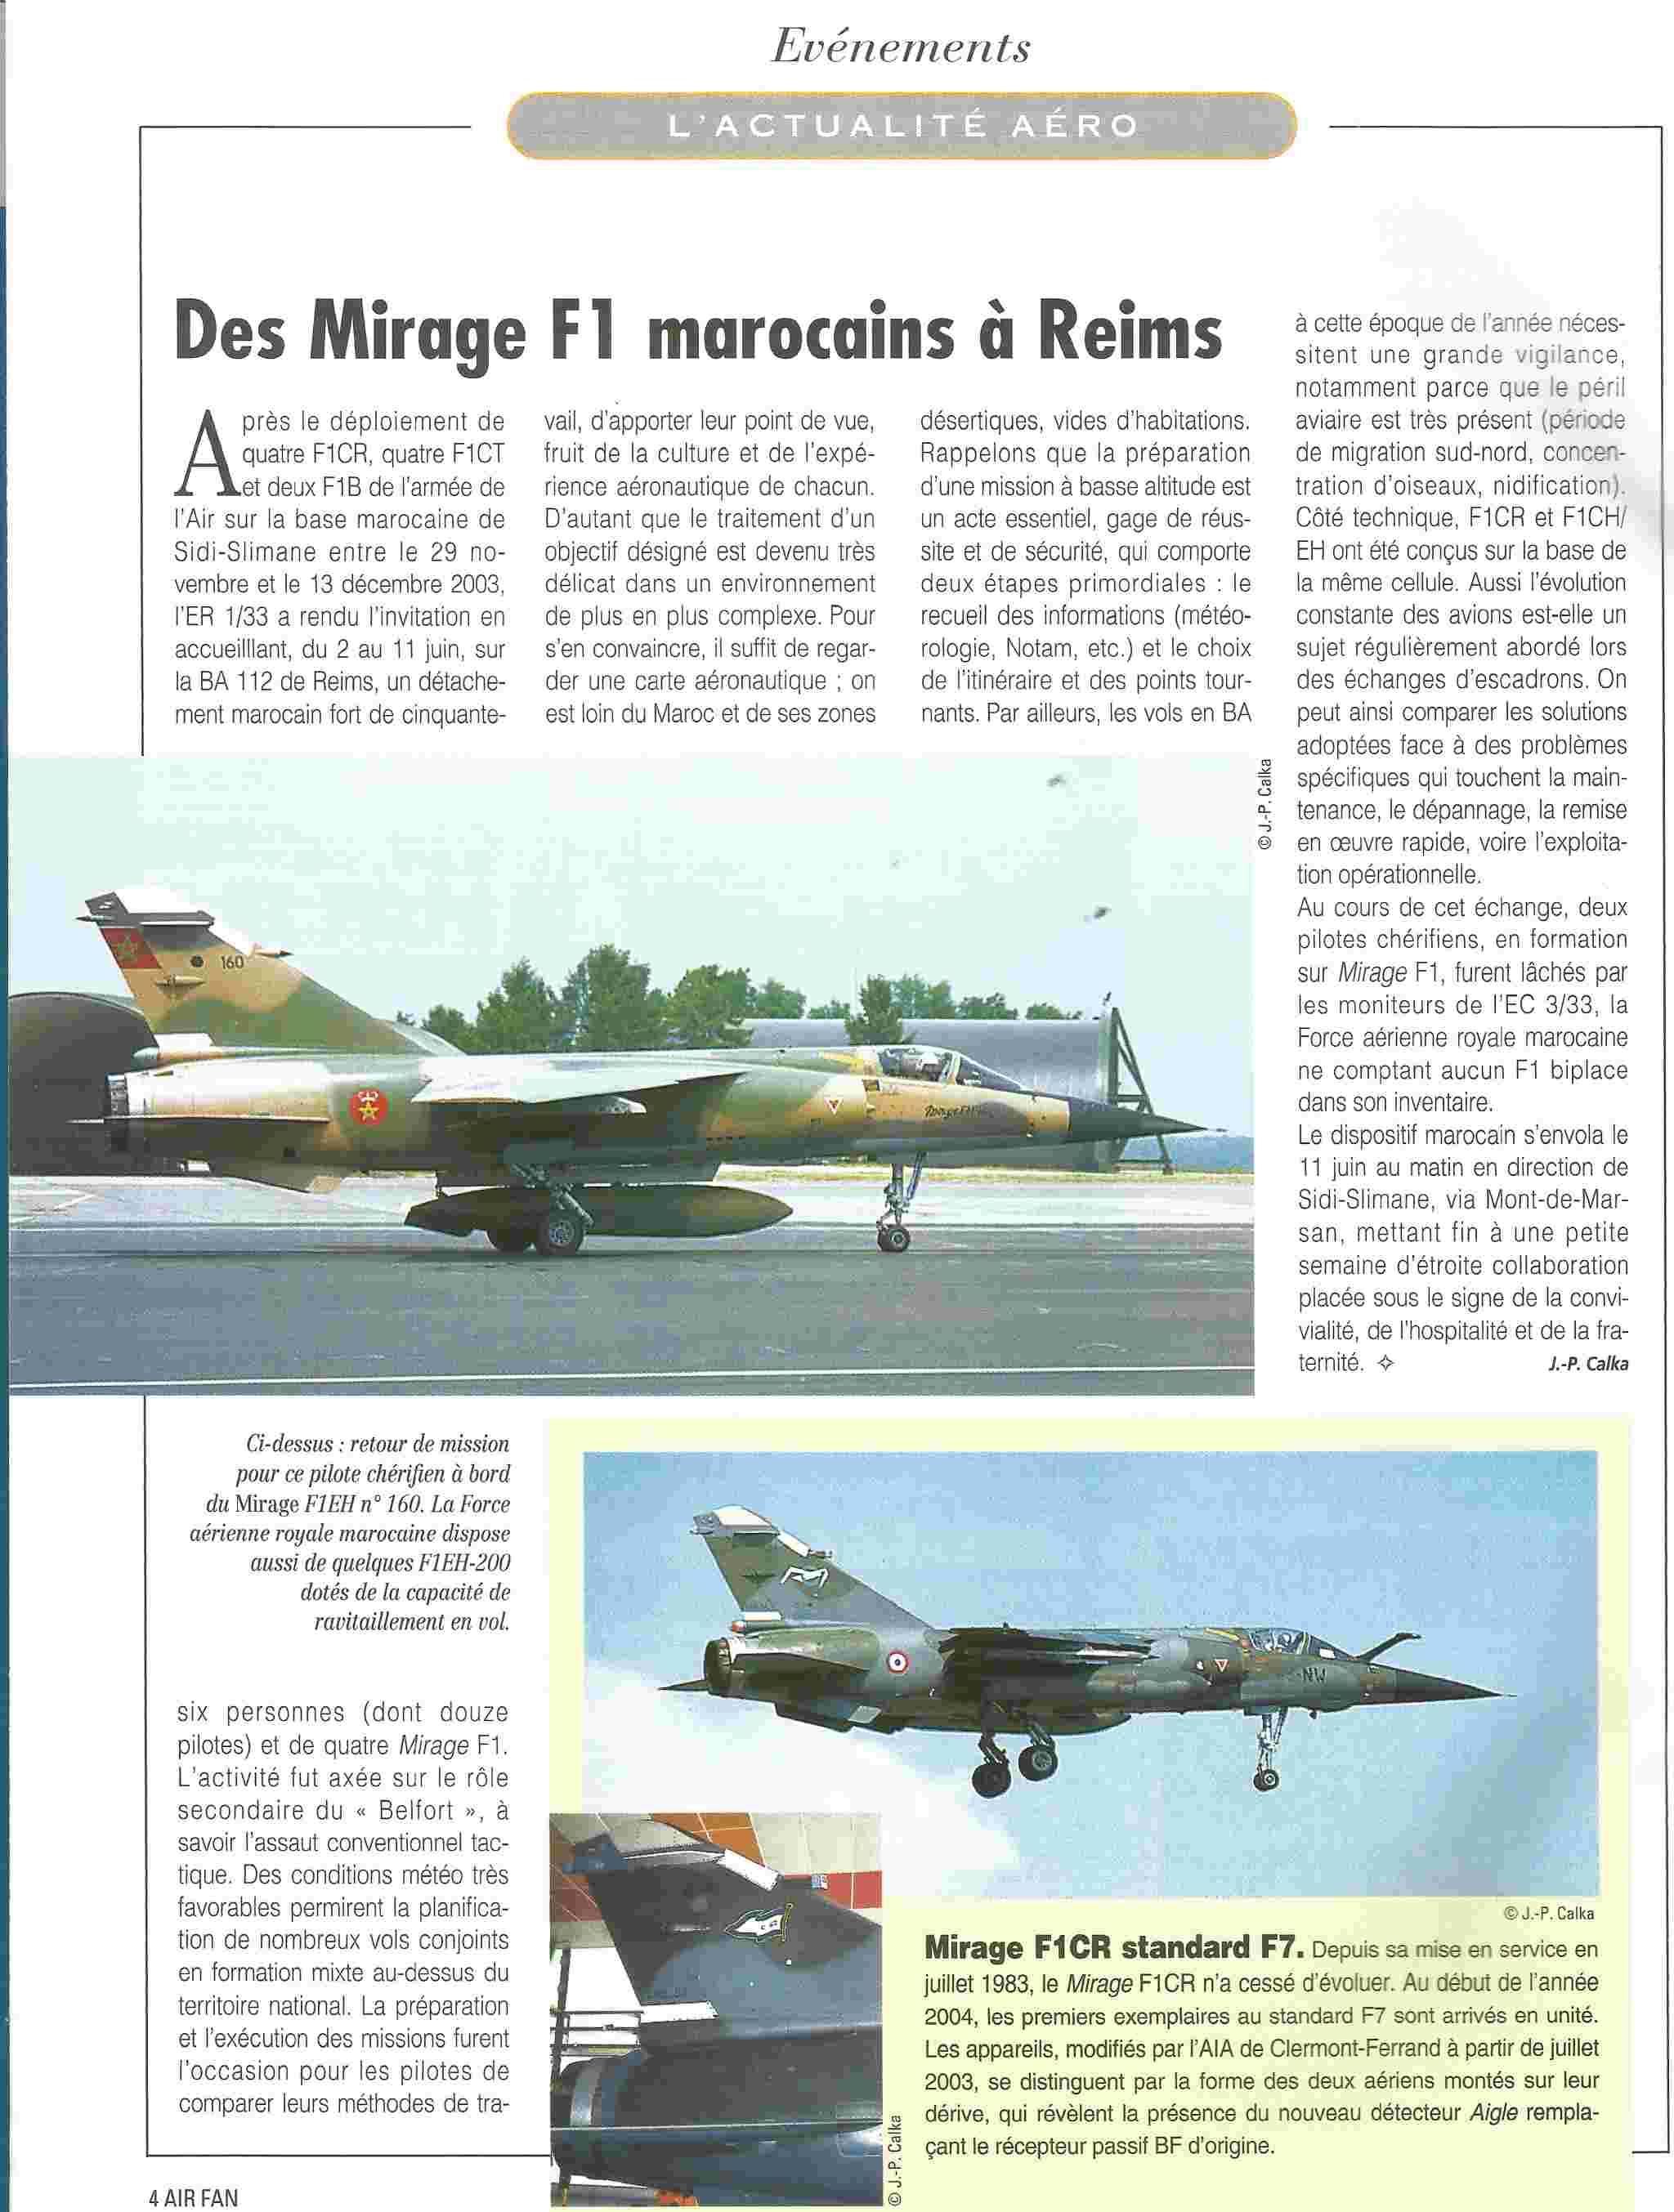 Échanges franco-marocain - Mirage F1 - 2003/2004 000_ai10